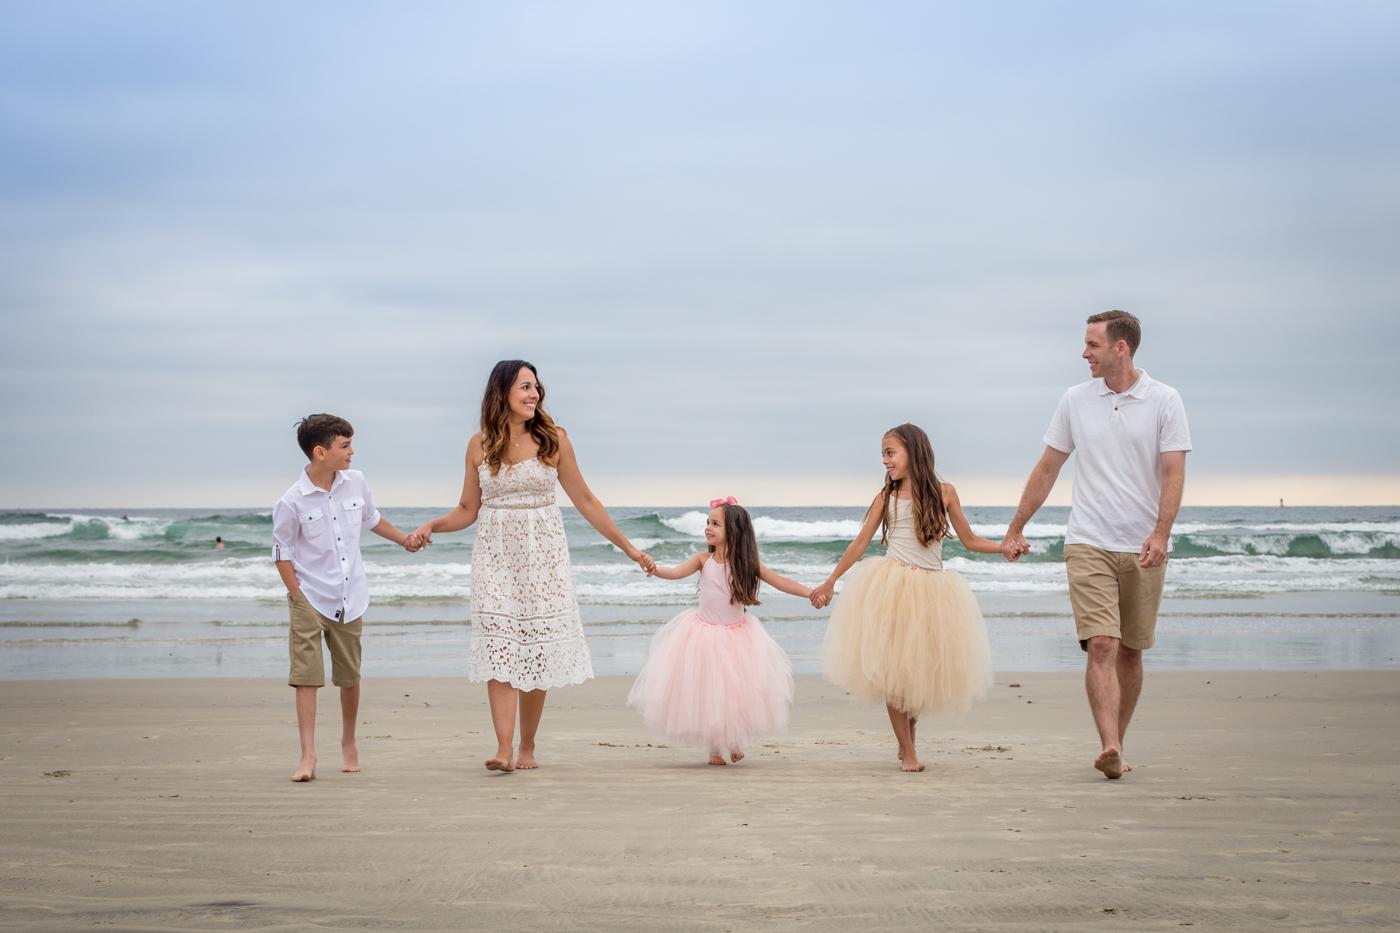 Oceanside beach family photo